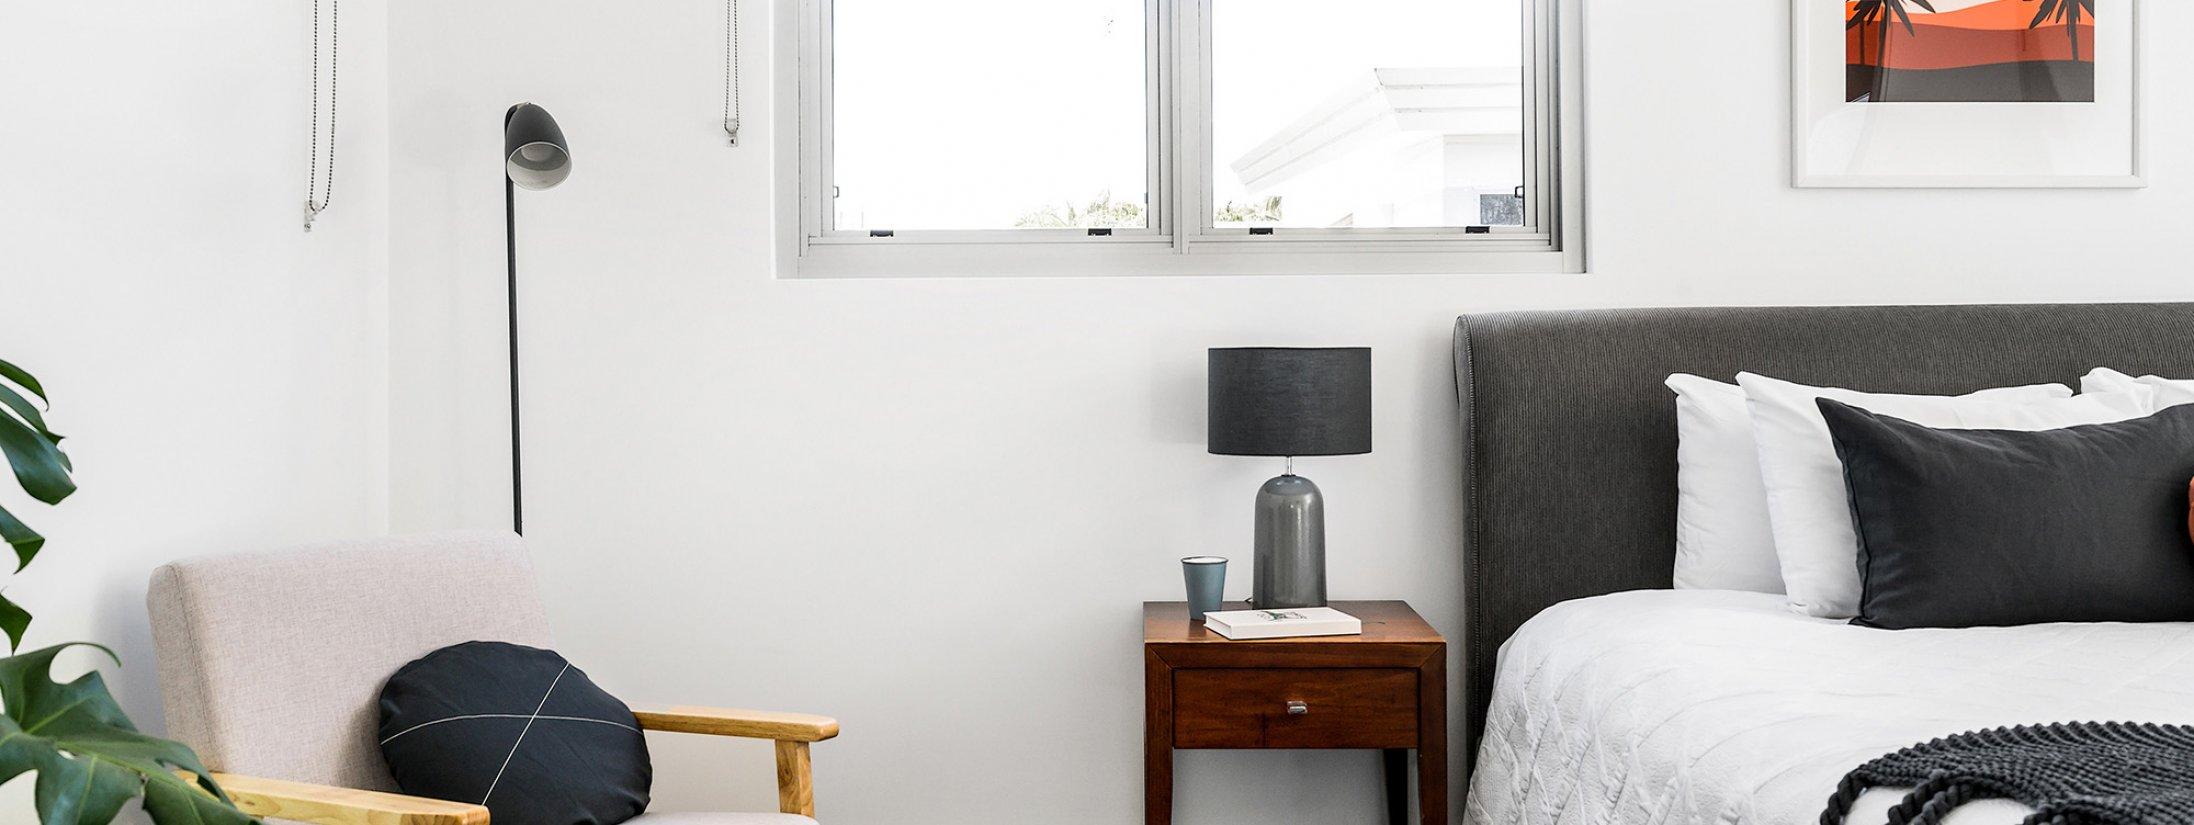 Clique 1 - Byron Bay - Bedroom 1 Master c